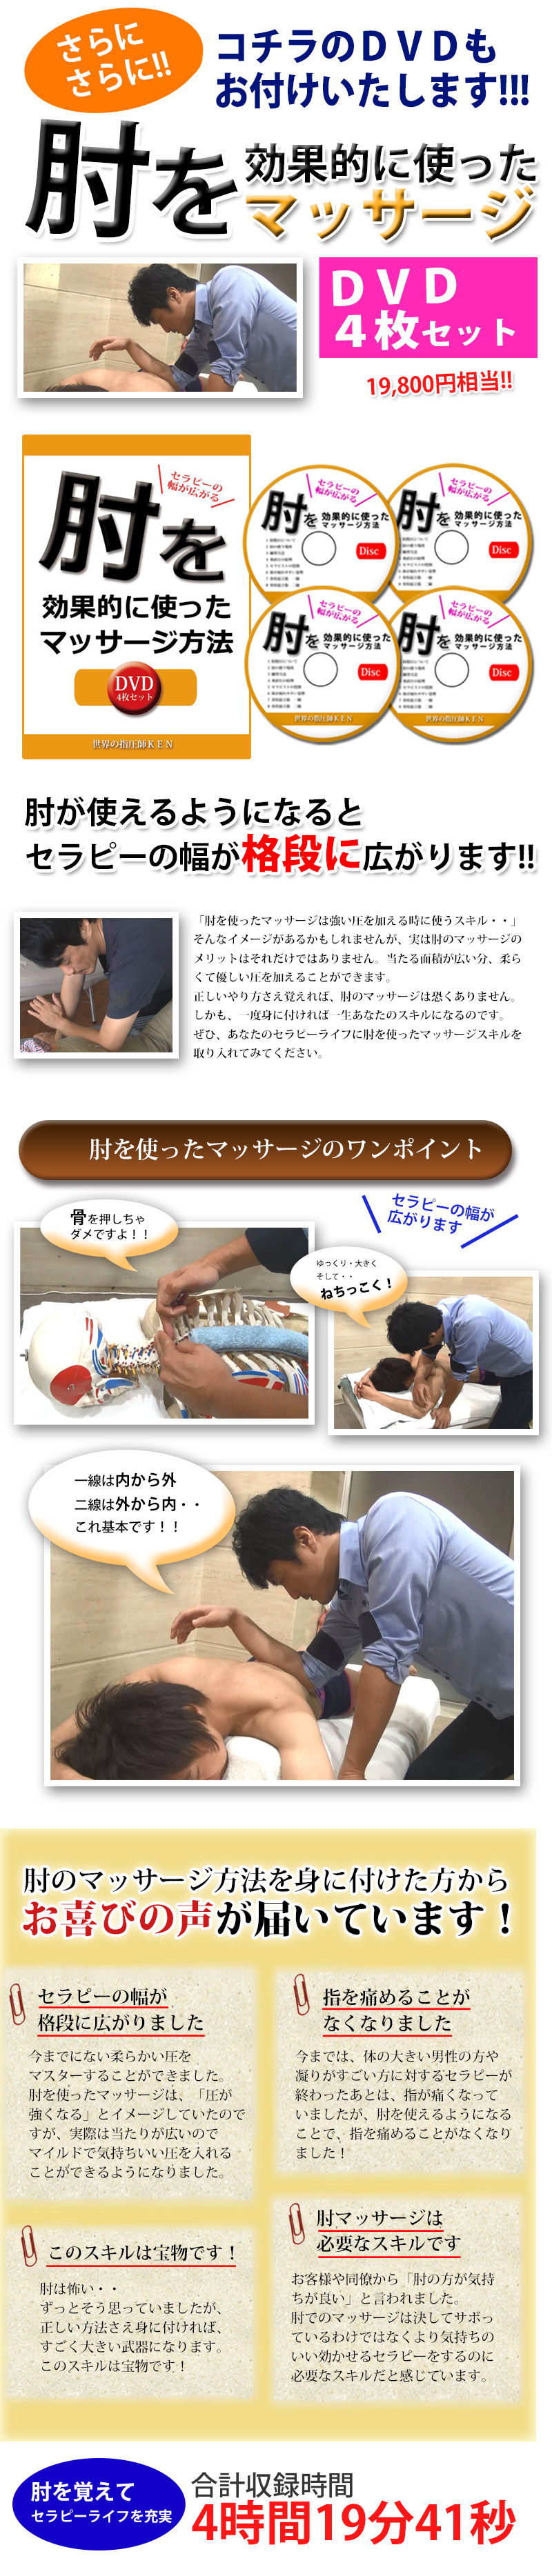 肘を効果的に使ったマッサージ方法DVD